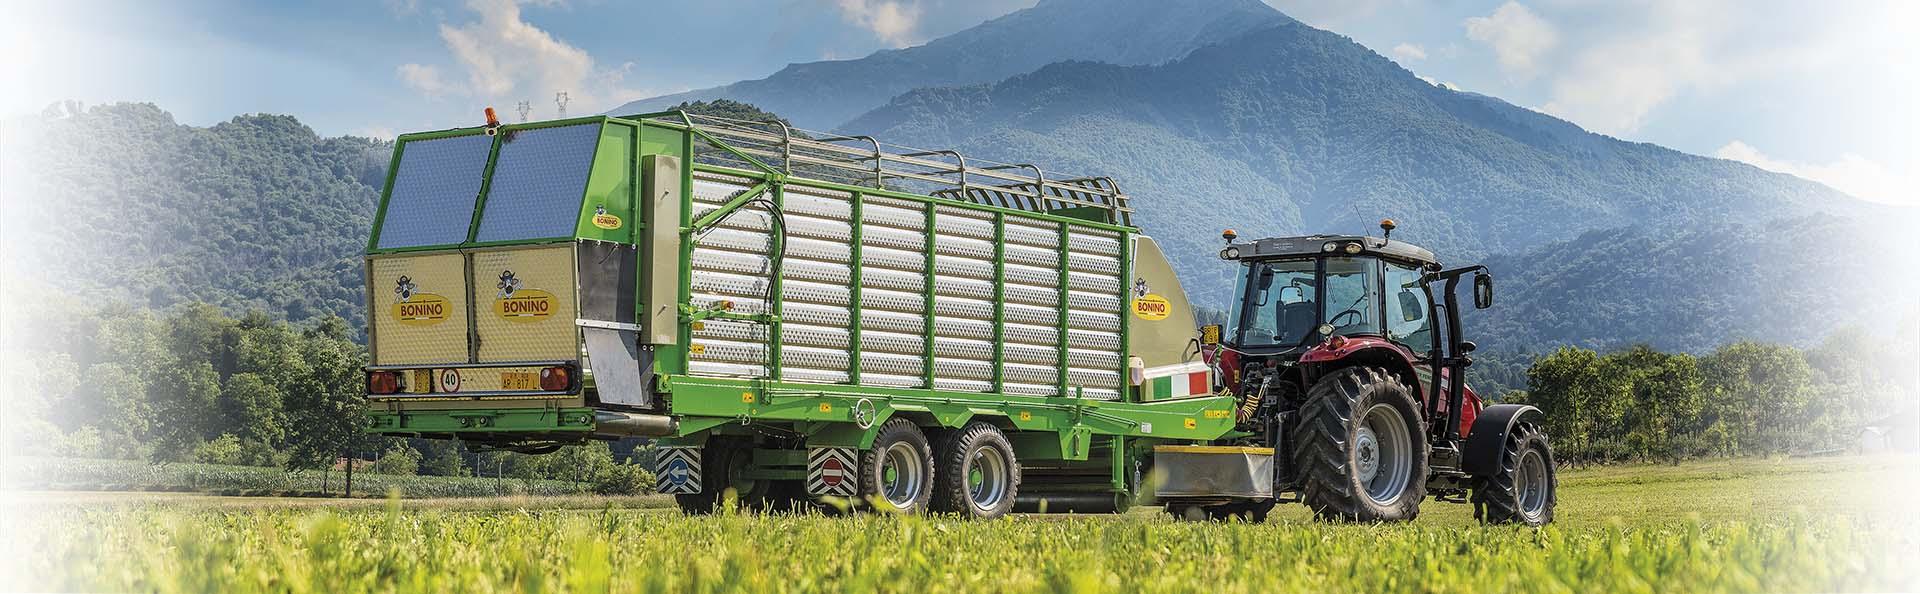 Bonino-carro-falcia-autocaricante-Venere-700-Self-loading-grazer-wagon-remorque-faucheuse-autochargeuse